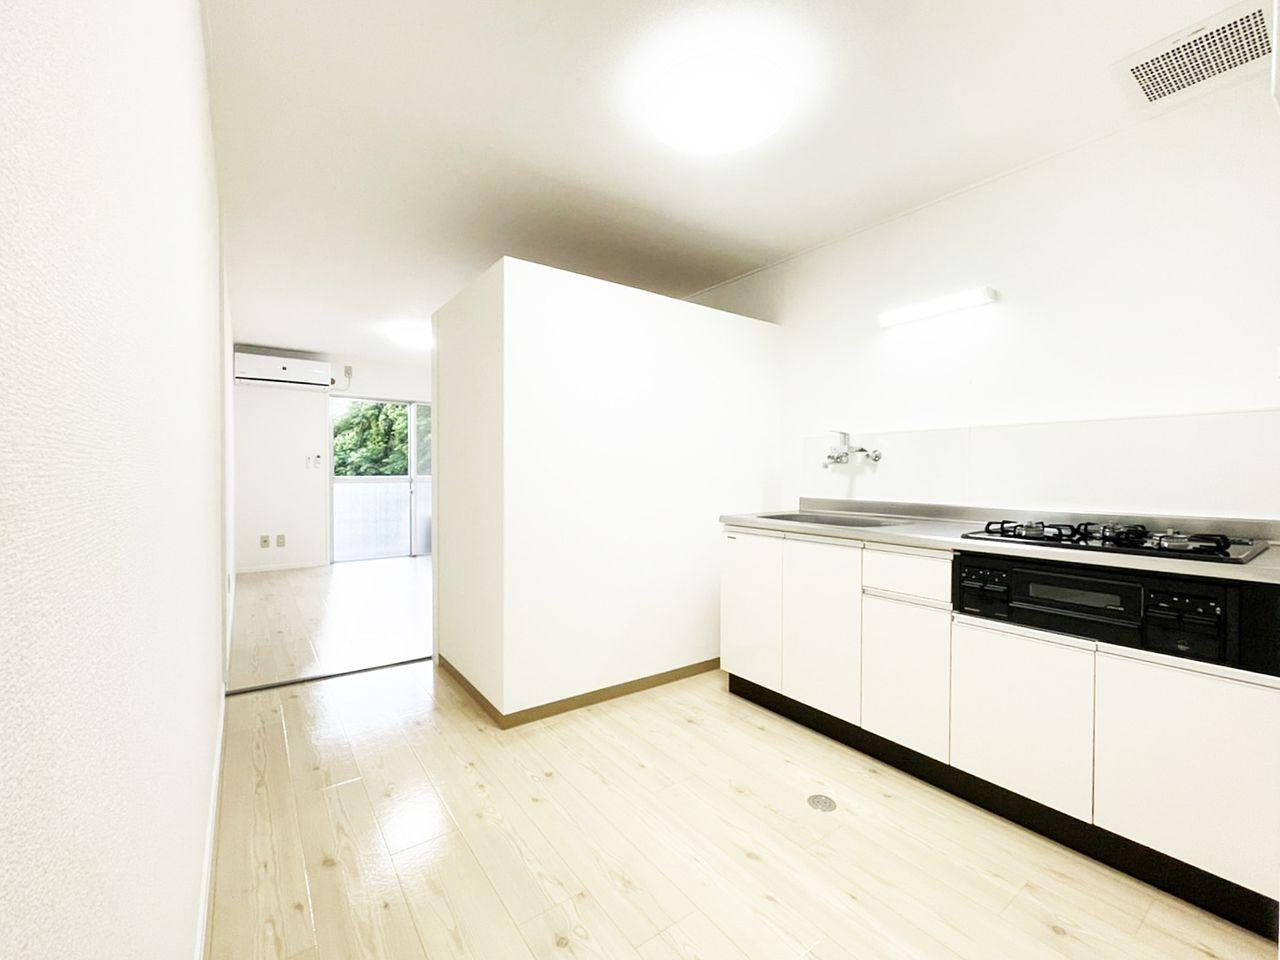 タイガーハイツ37号室のキッチンスペースの画像です